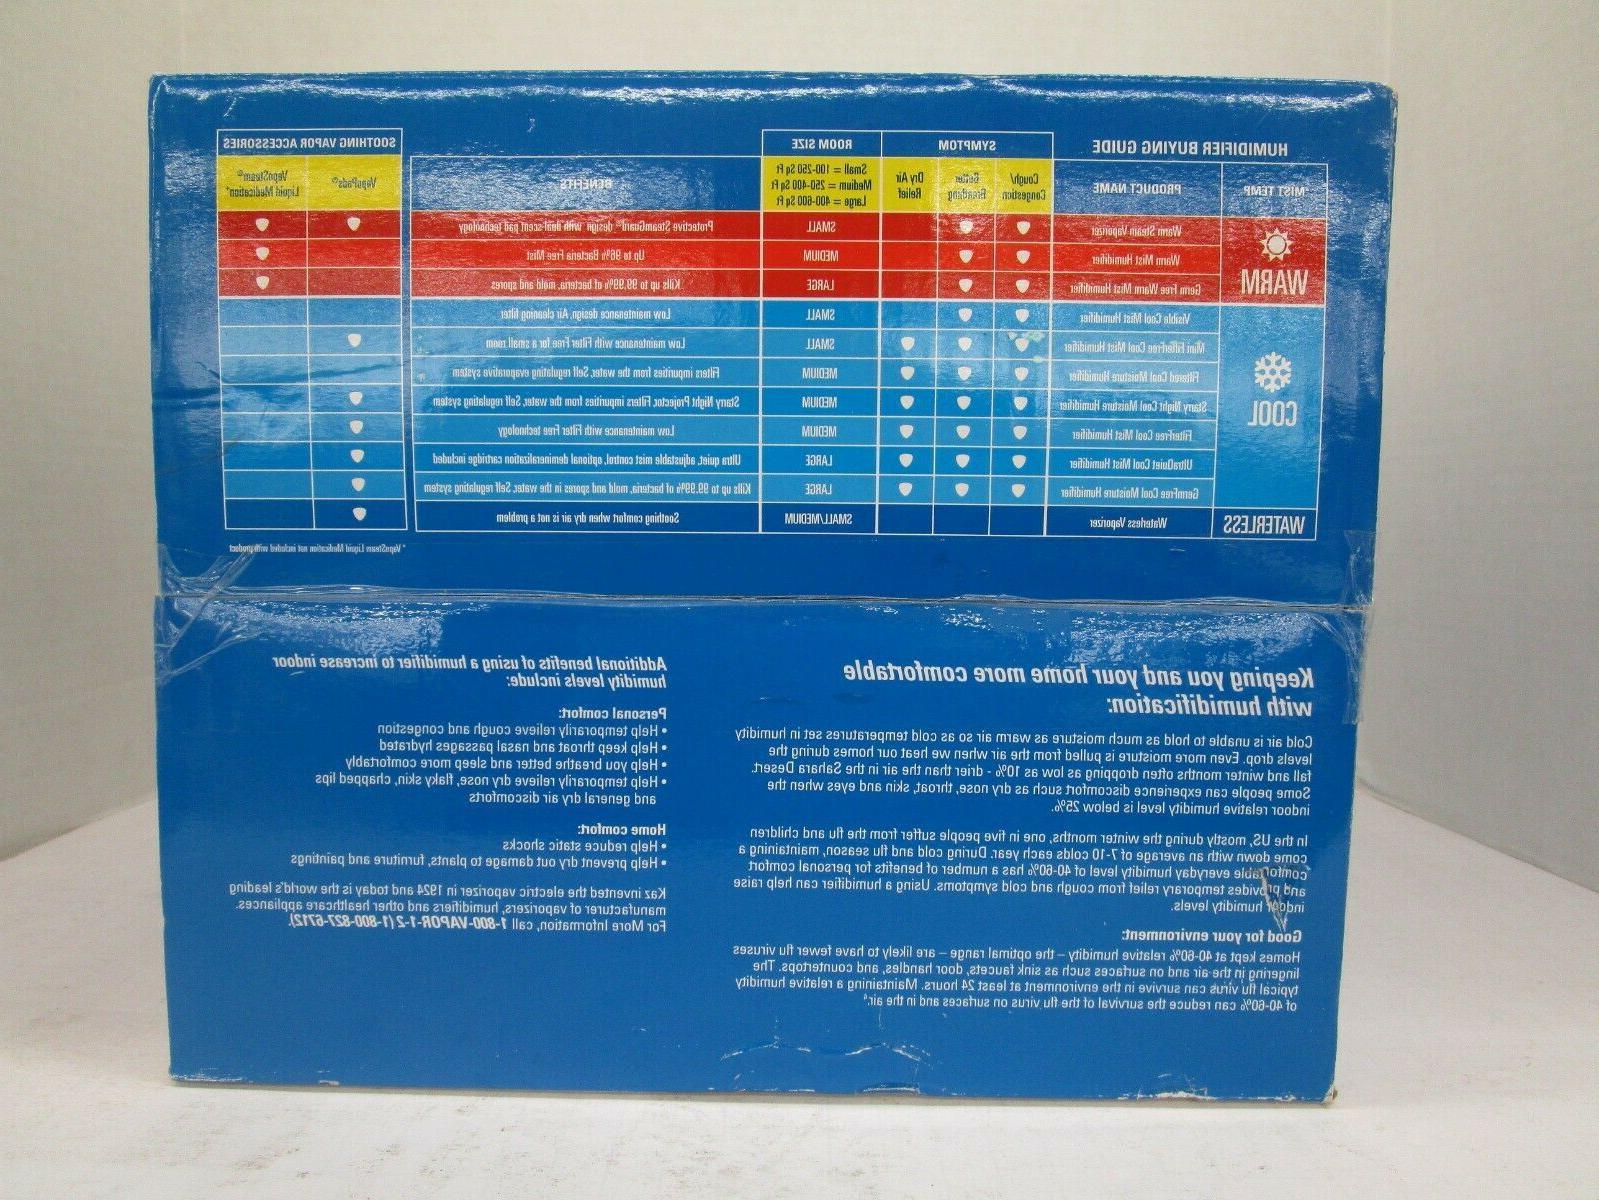 VICKS FILTERED COOL HUMIDIFIER SMALL 1.0 GALLON V3100VD1 NT 6713